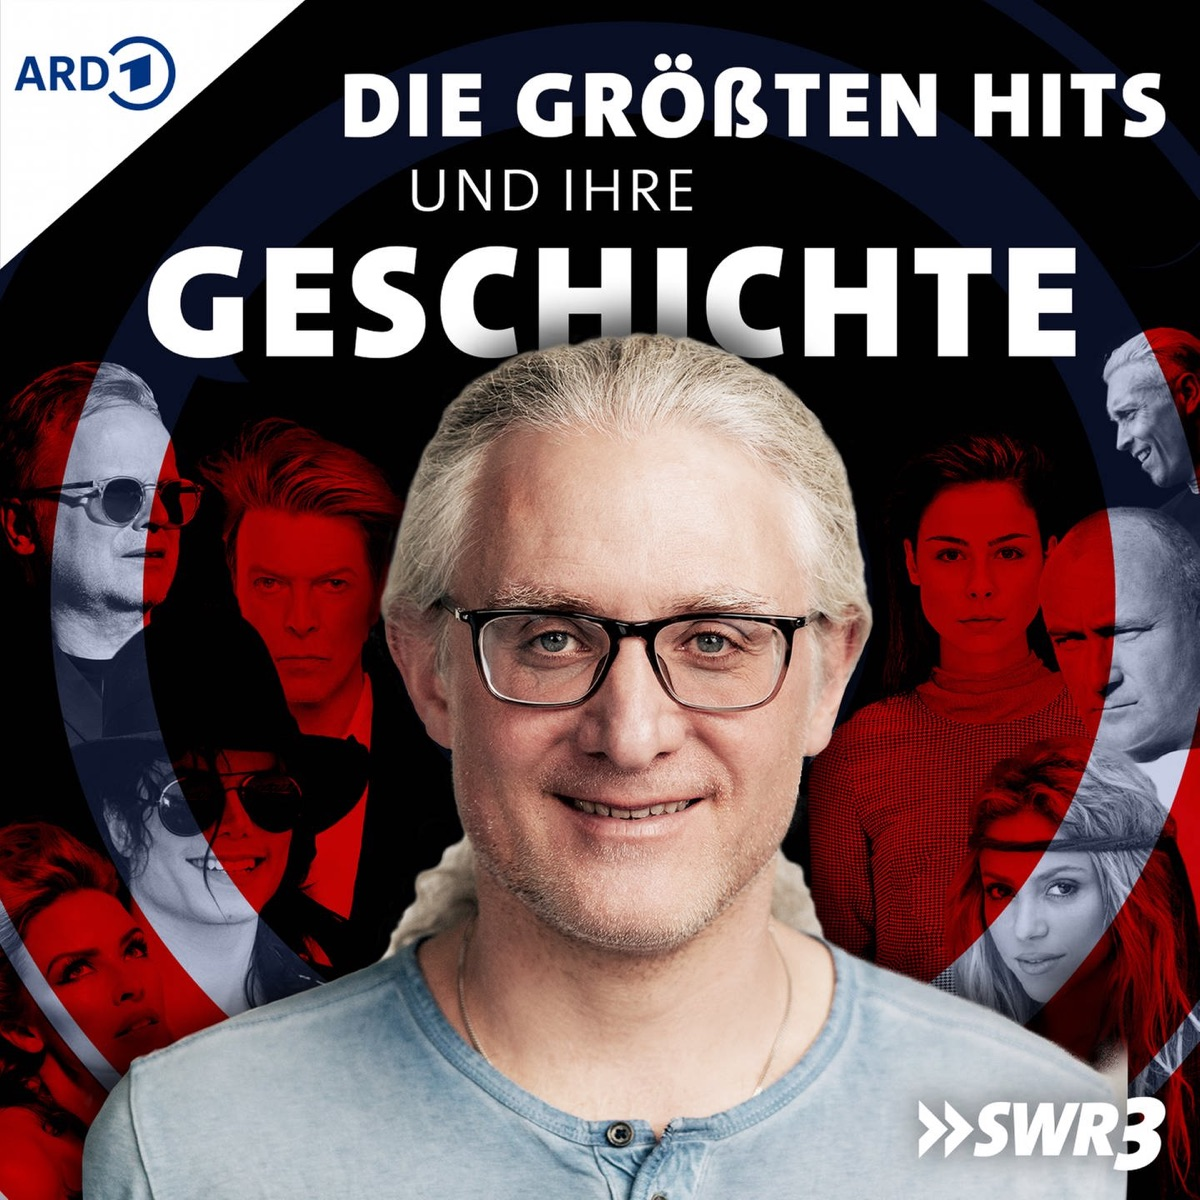 Die größten Hits und ihre Geschichte